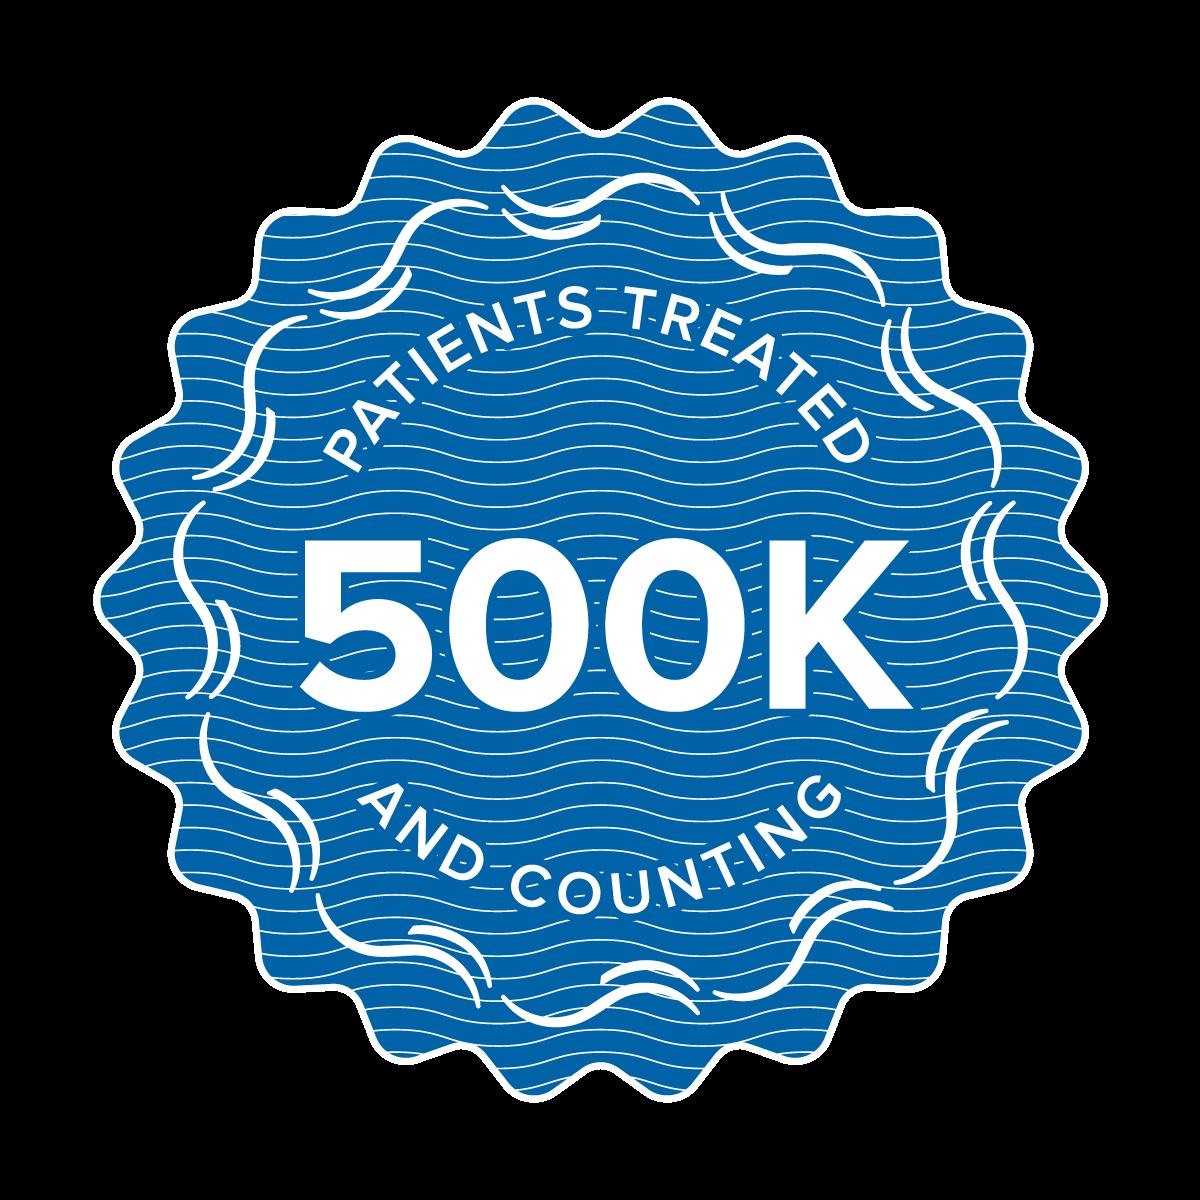 500K Seal